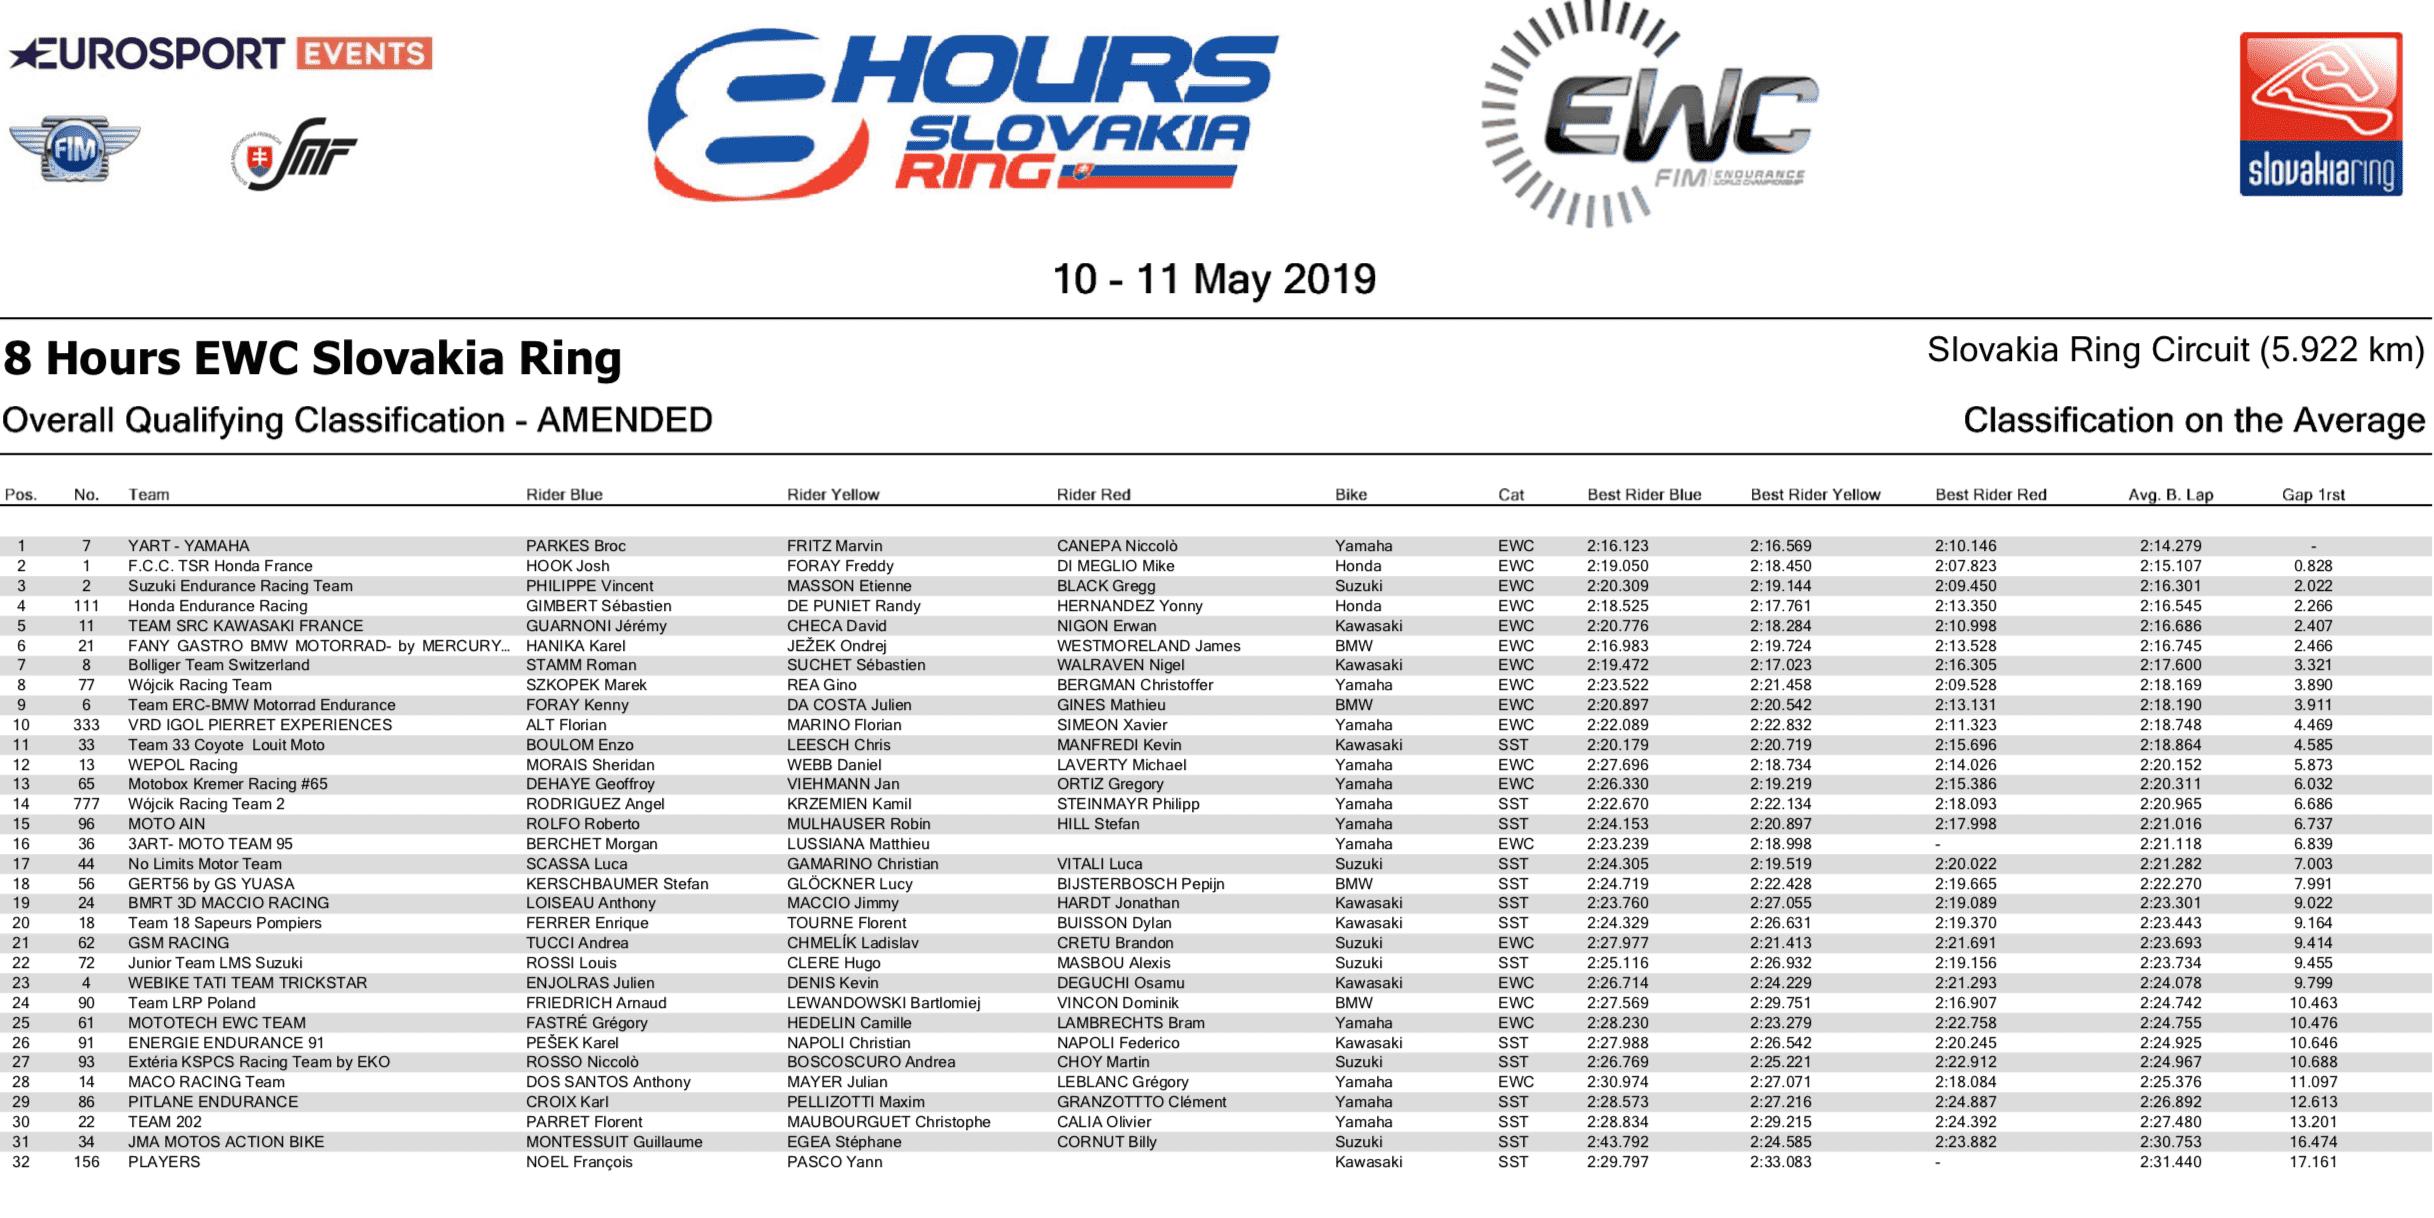 2018-2019 FIM世界耐久選手権シリーズ スロベキアリンク8時間耐久レース 予選結果